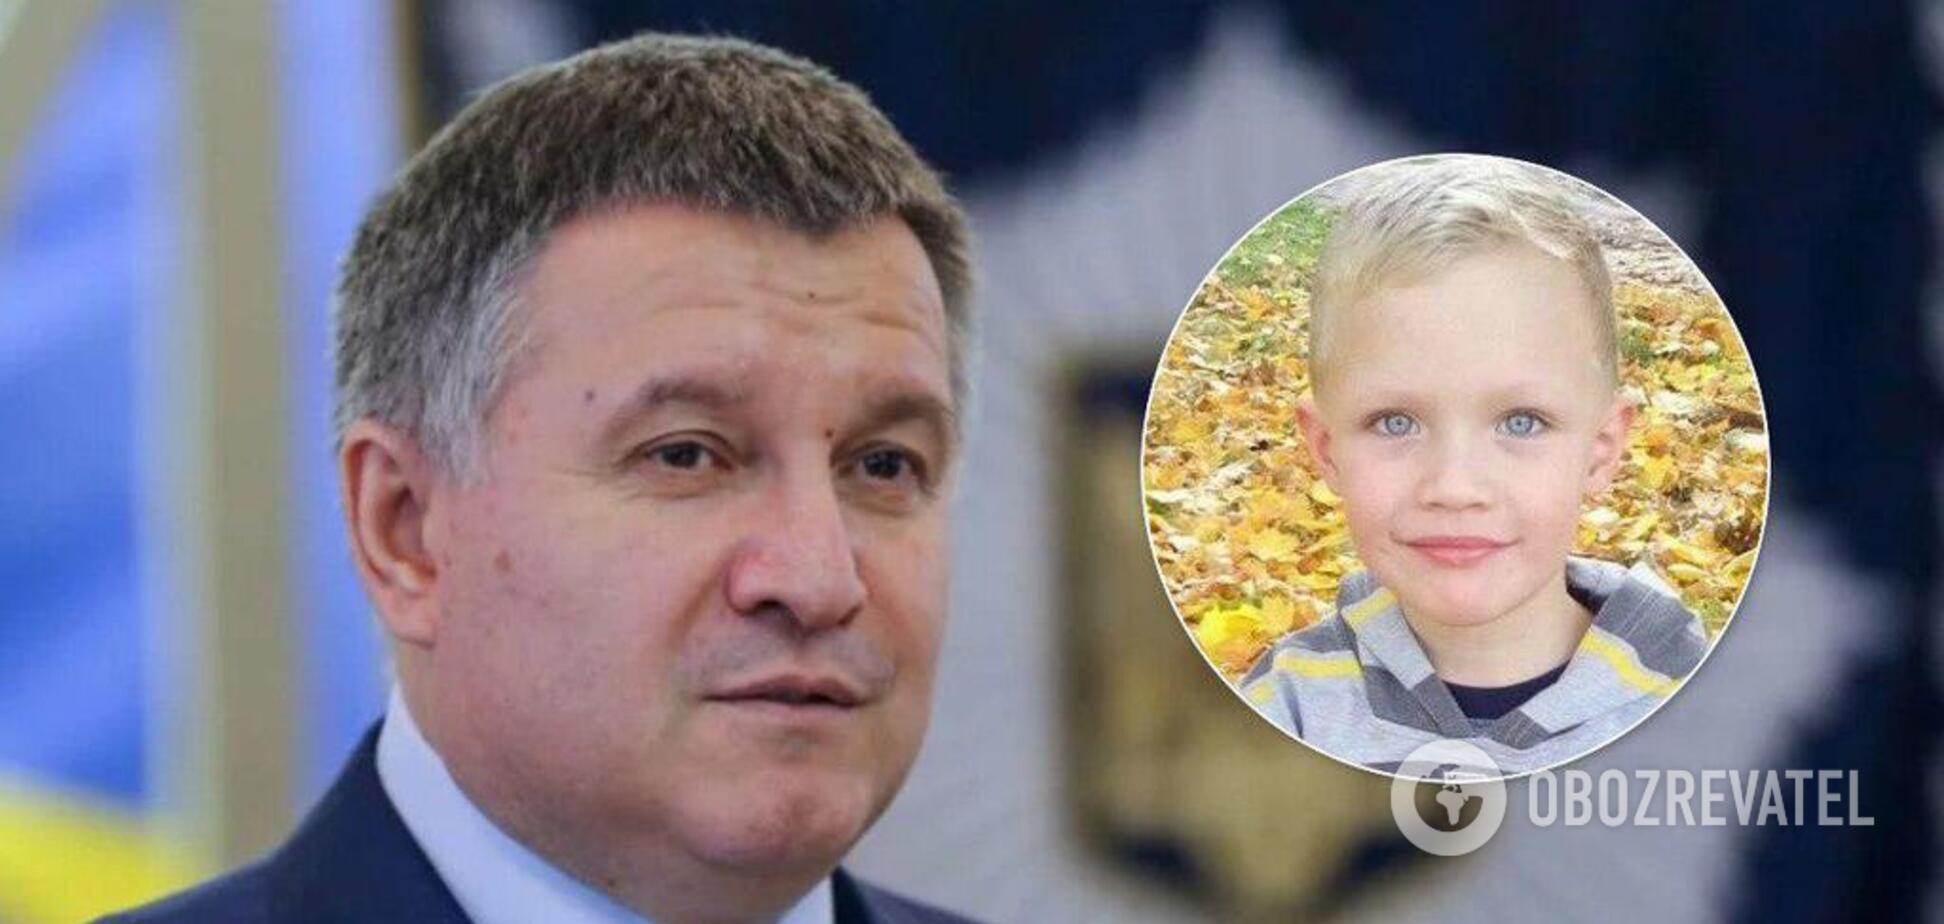 Убийство ребенка под Киевом: Аваков сделал заявление об отставке